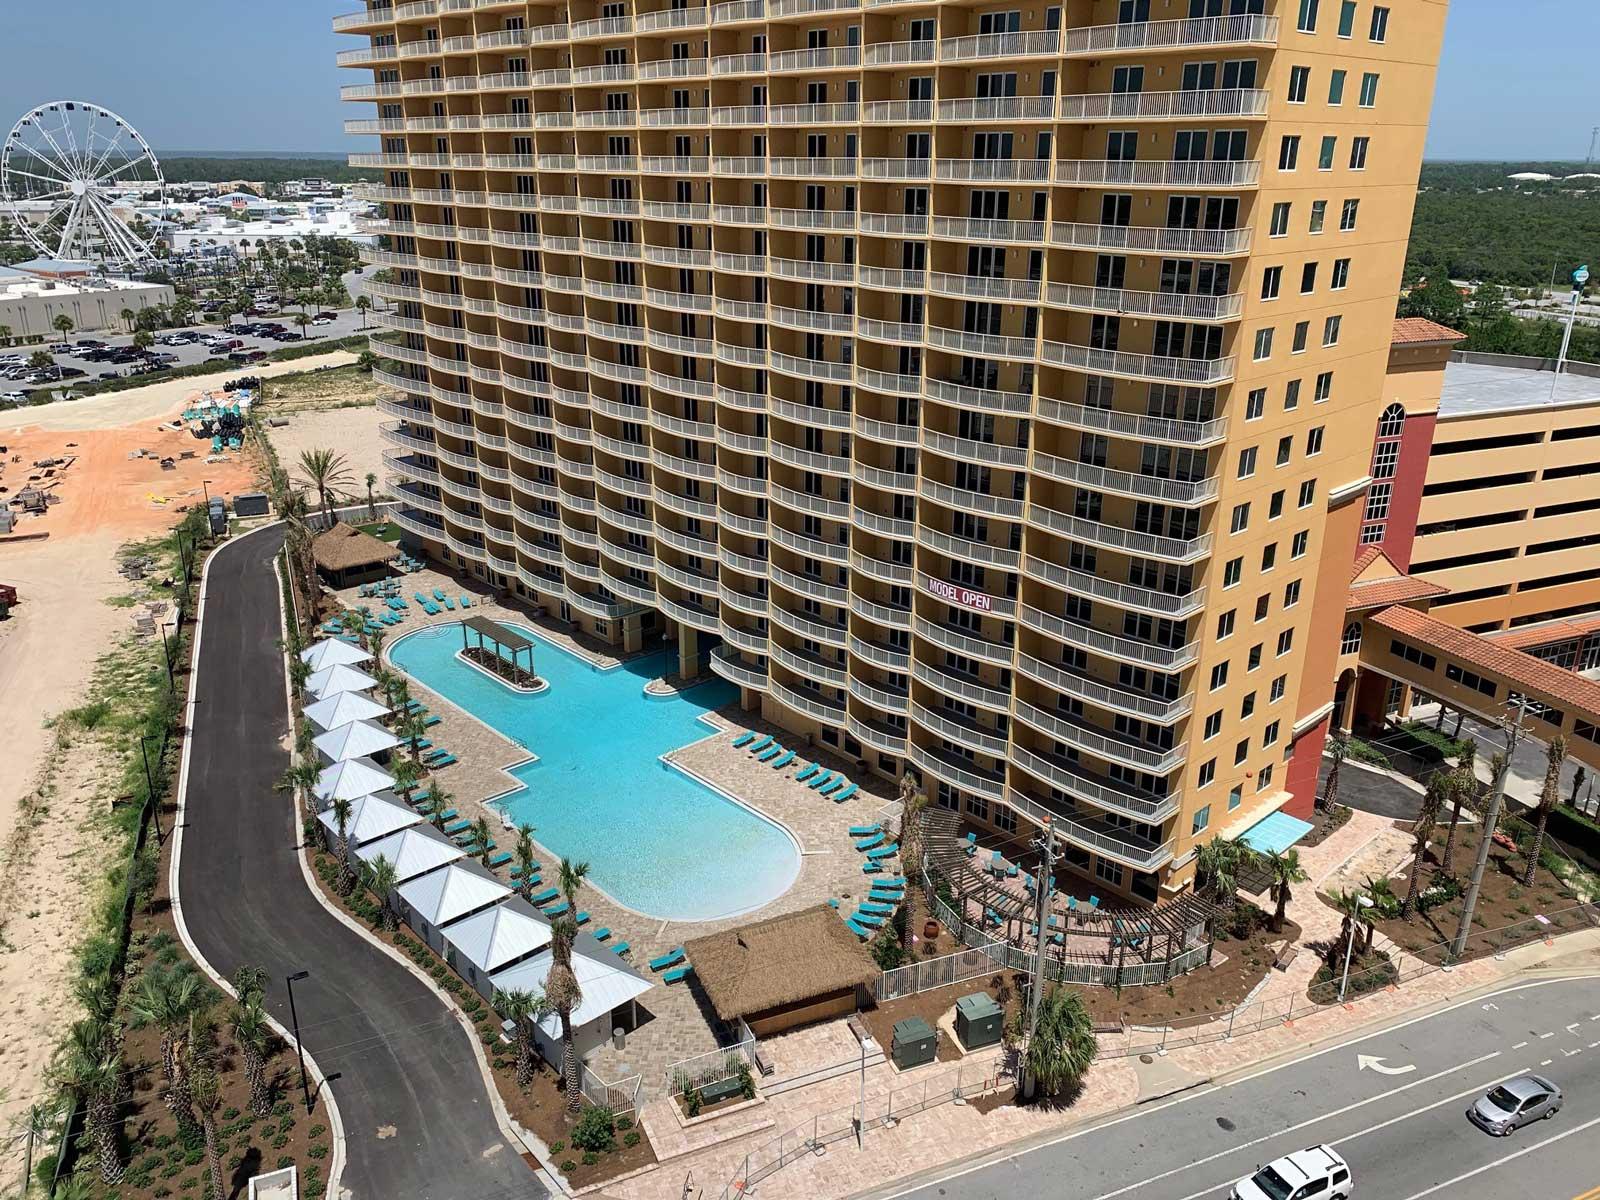 Calypso condominium August 1, 2020